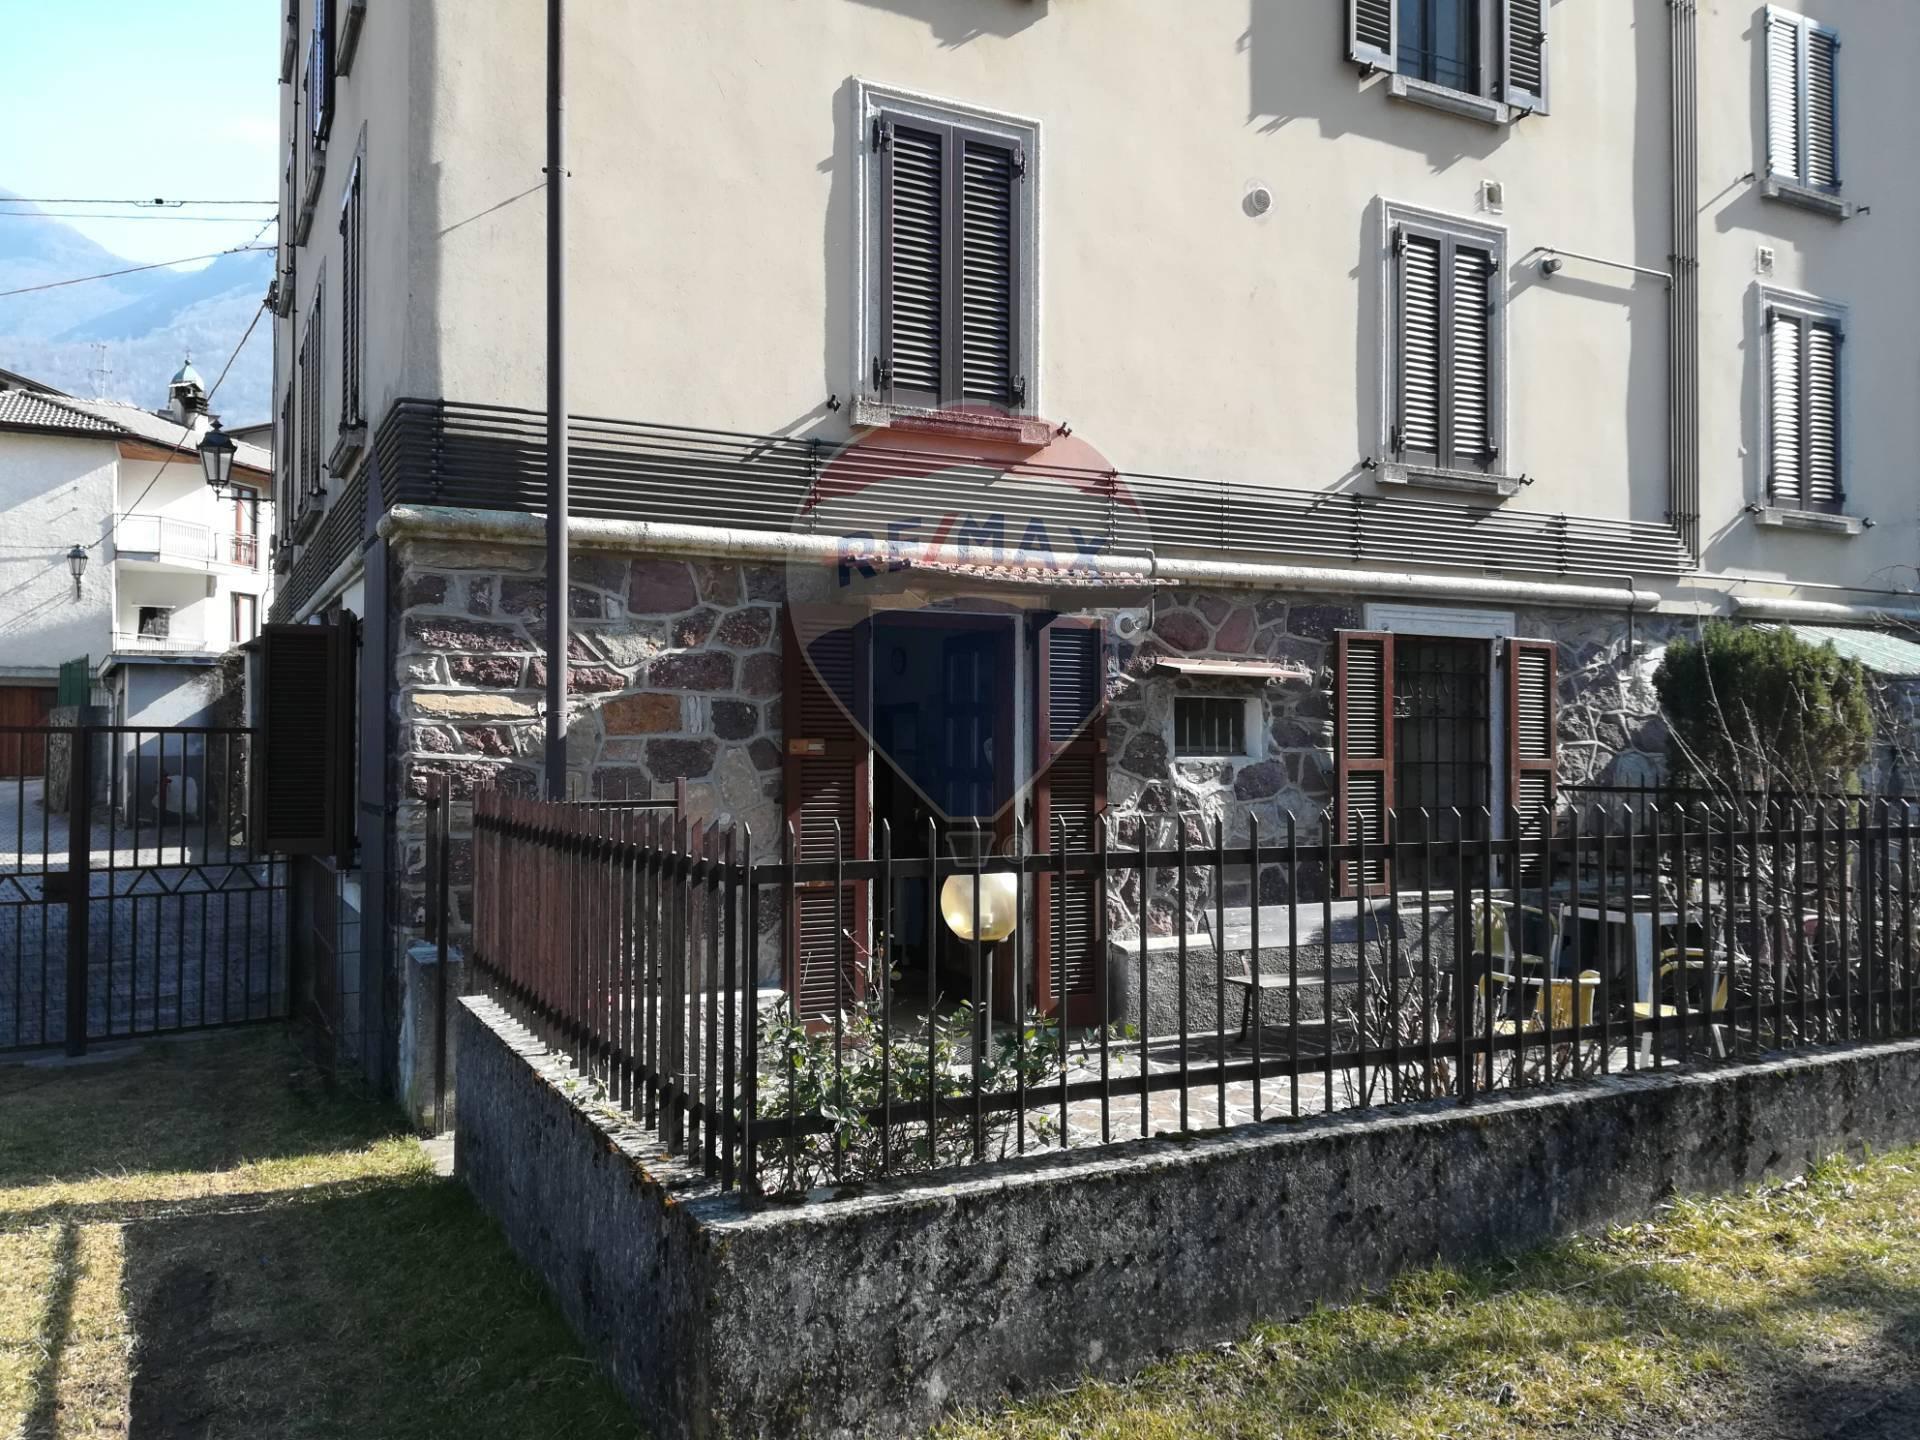 Appartamento in vendita a Cortenova, 2 locali, prezzo € 42.000 | CambioCasa.it